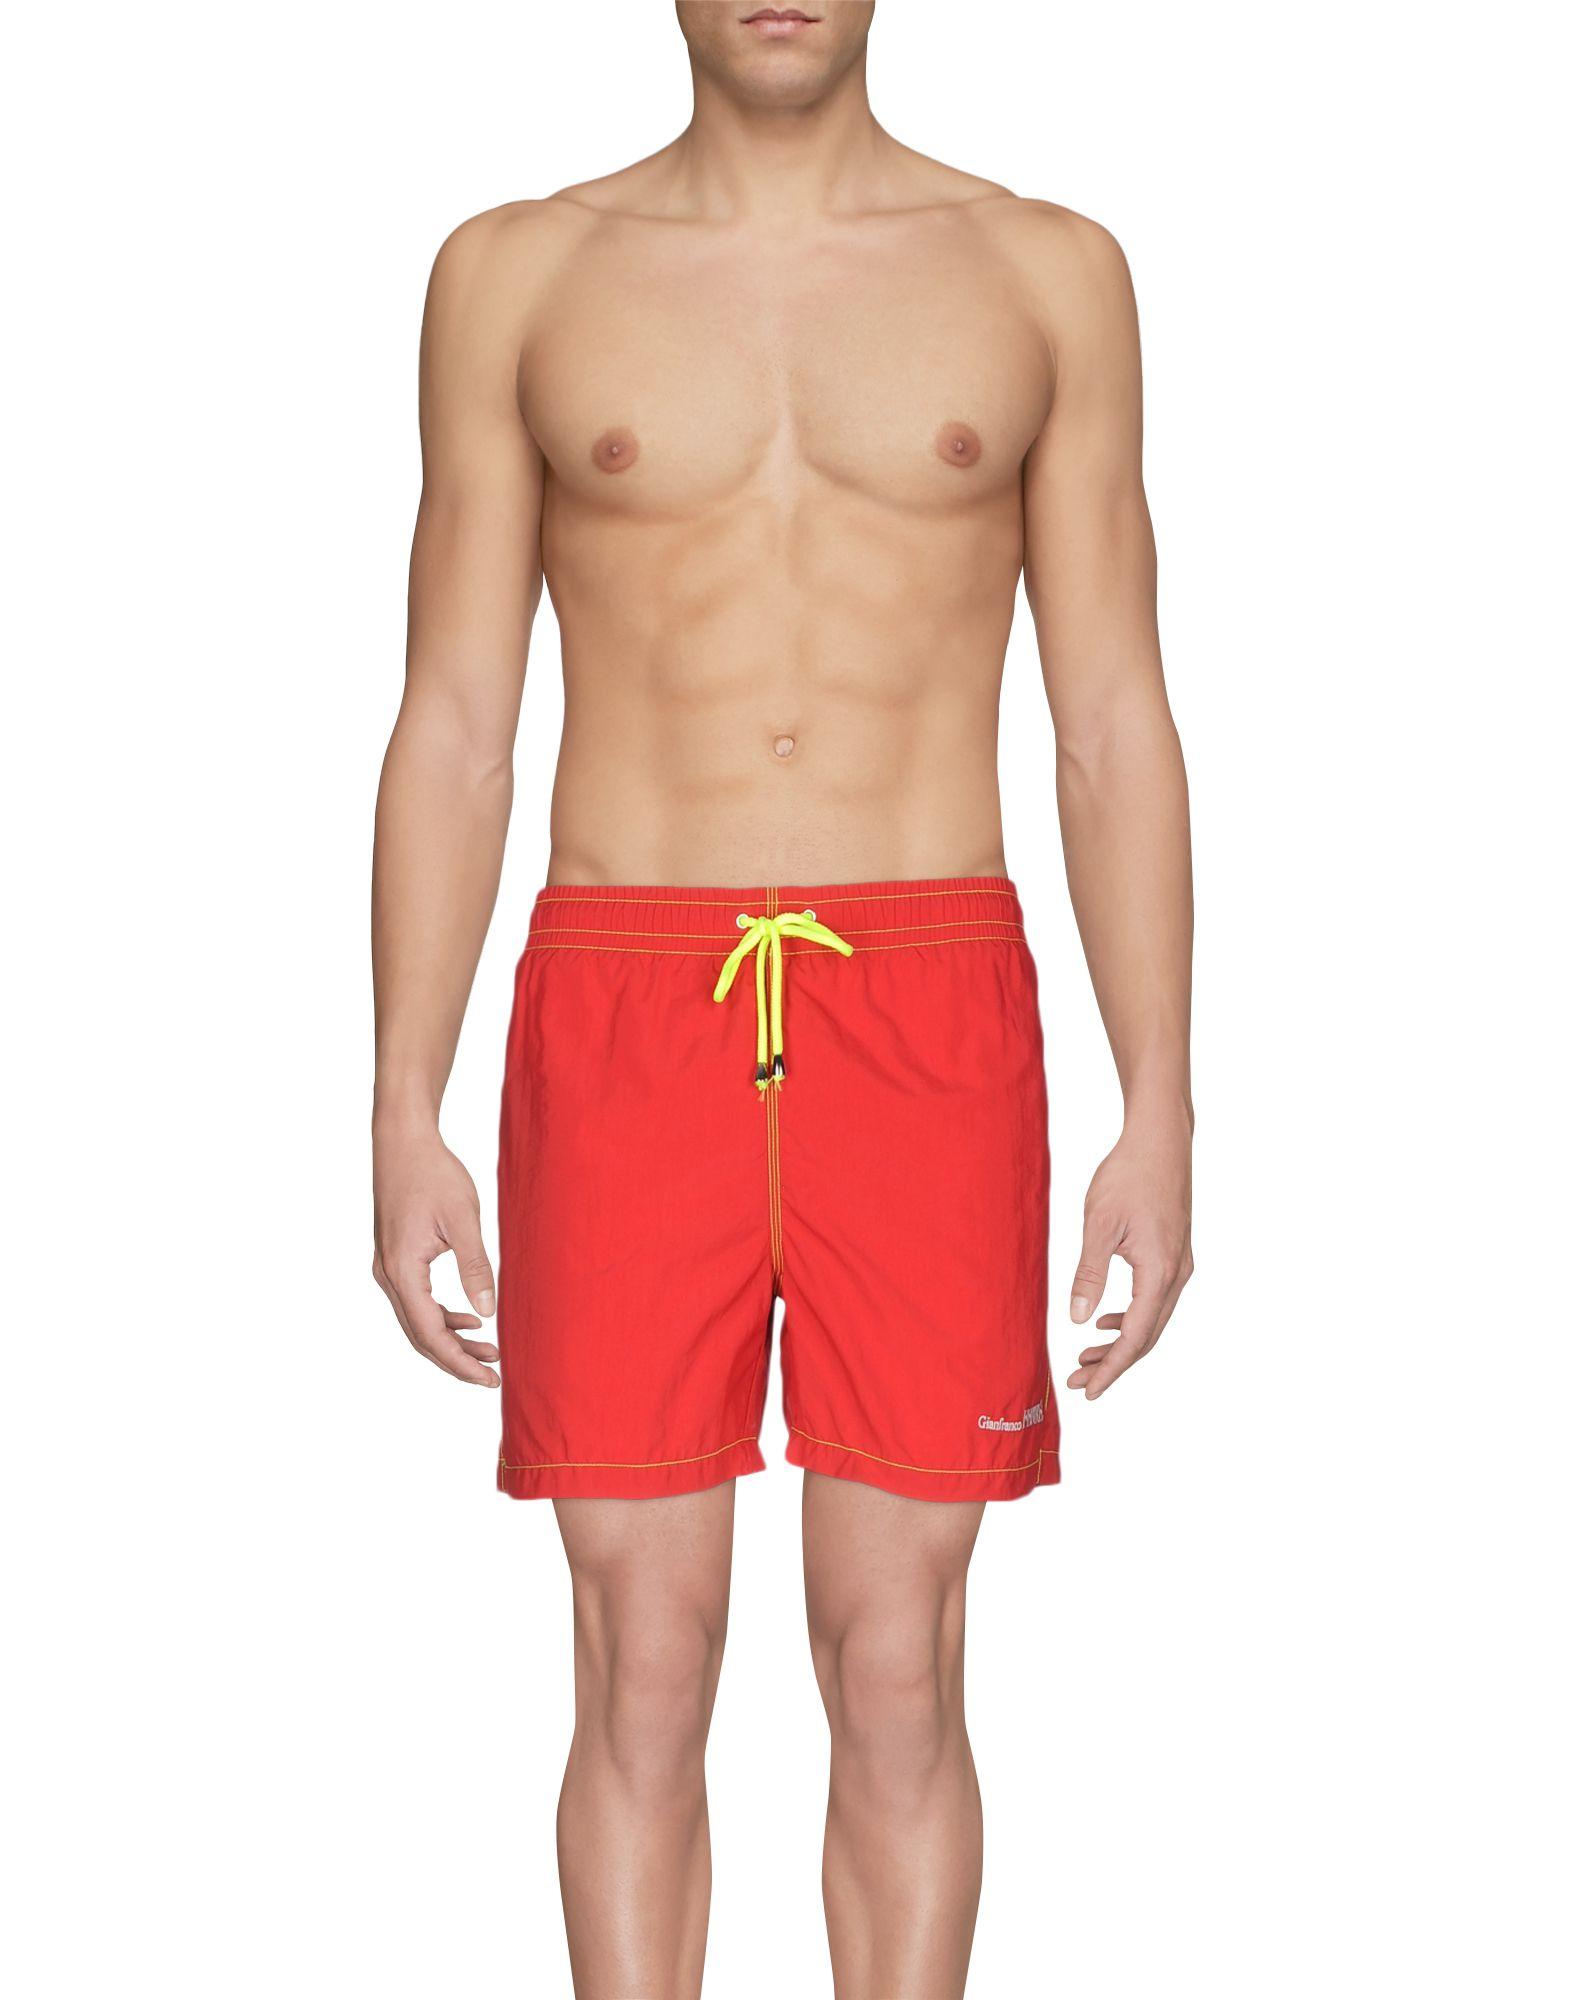 GIANFRANCO FERRE' BEACHWEAR Шорты для плавания gianfranco ferre beachwear бермуды